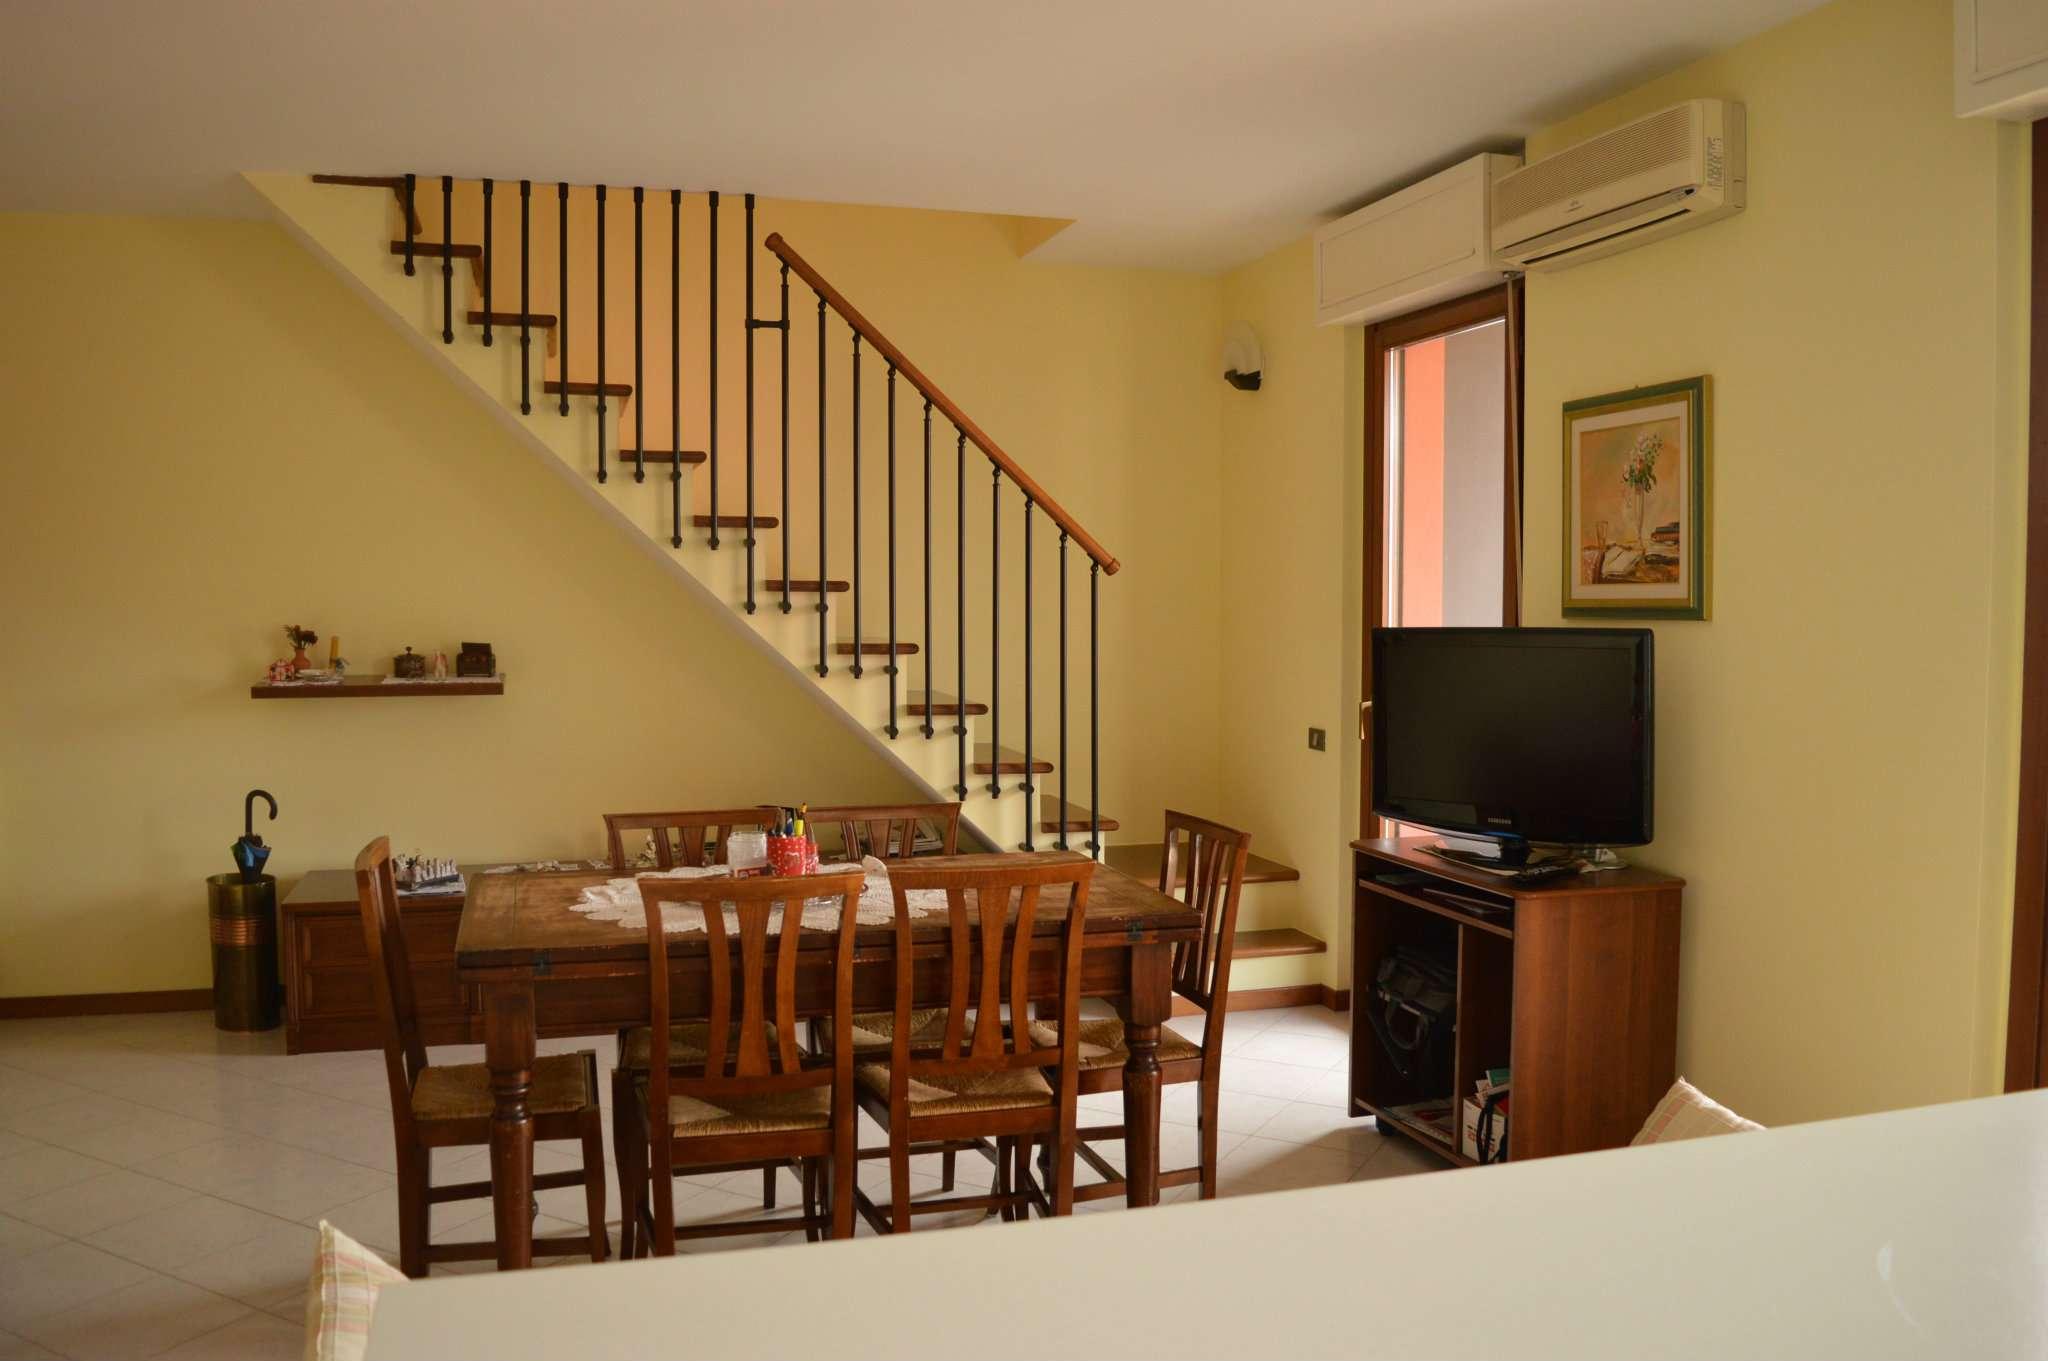 Appartamento in vendita a Bergamo, 3 locali, prezzo € 175.000 | CambioCasa.it